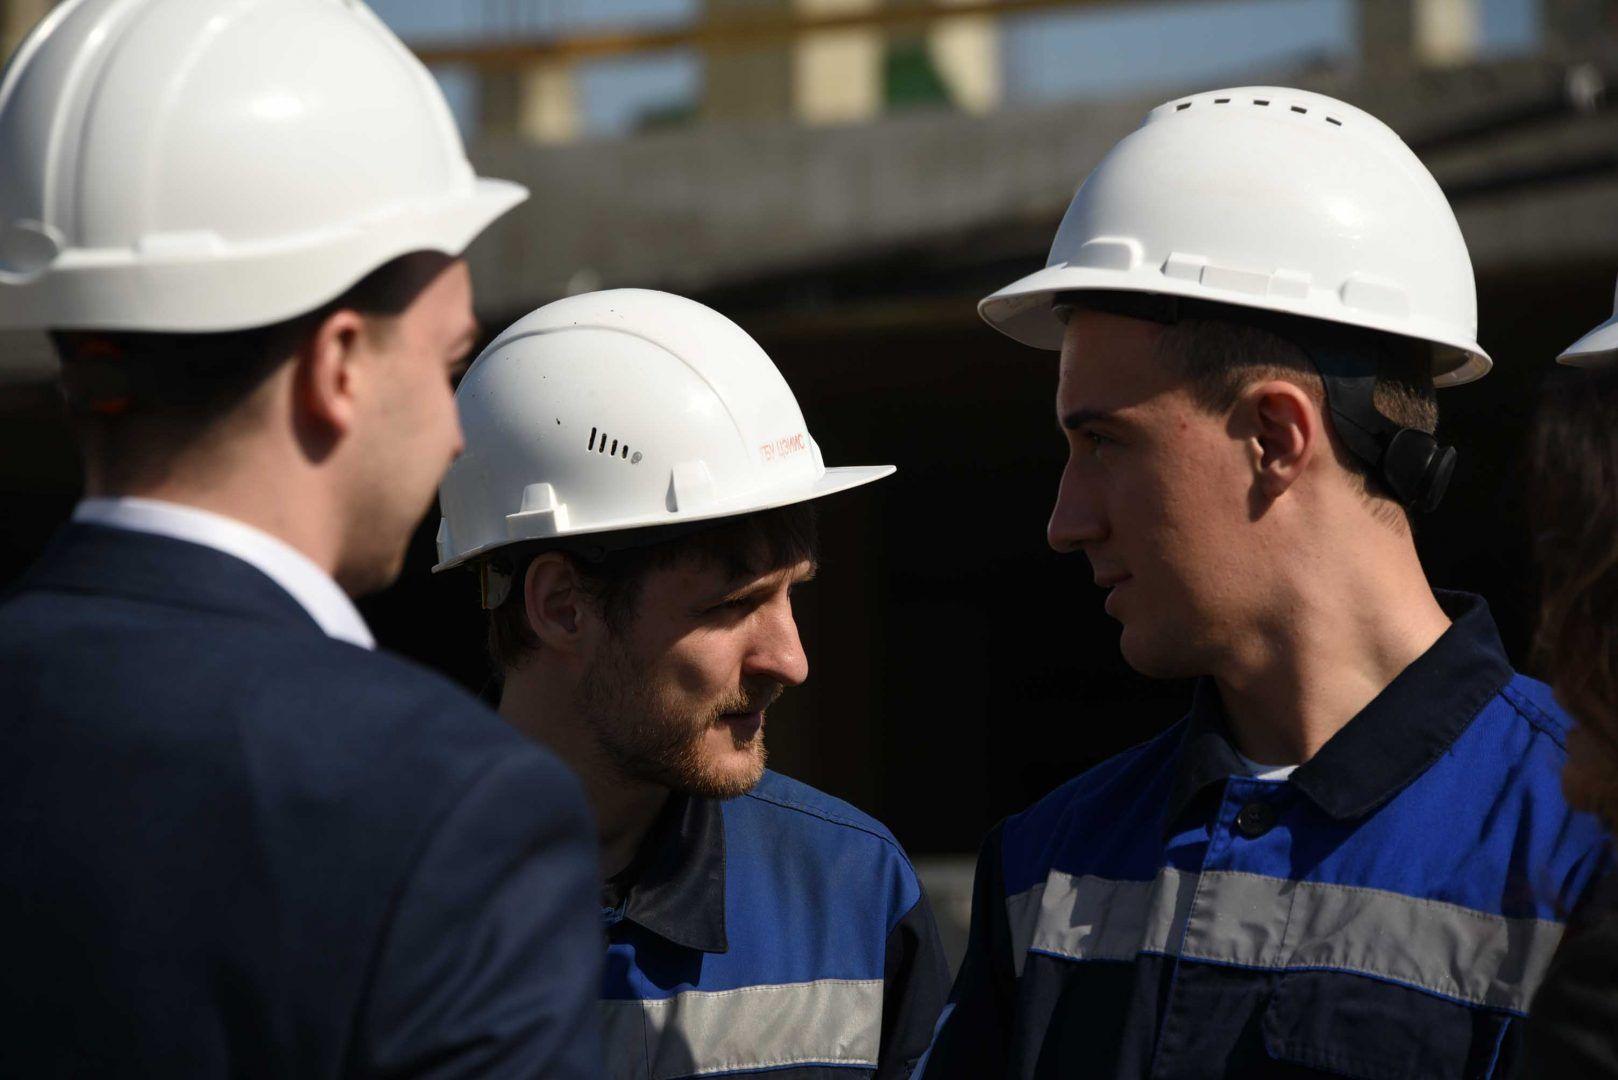 Строительство недвижимости в Новой Москве обеспечило работой 100 тысяч человек. Фото: Пелагия Замятина, «Вечерняя Москва»